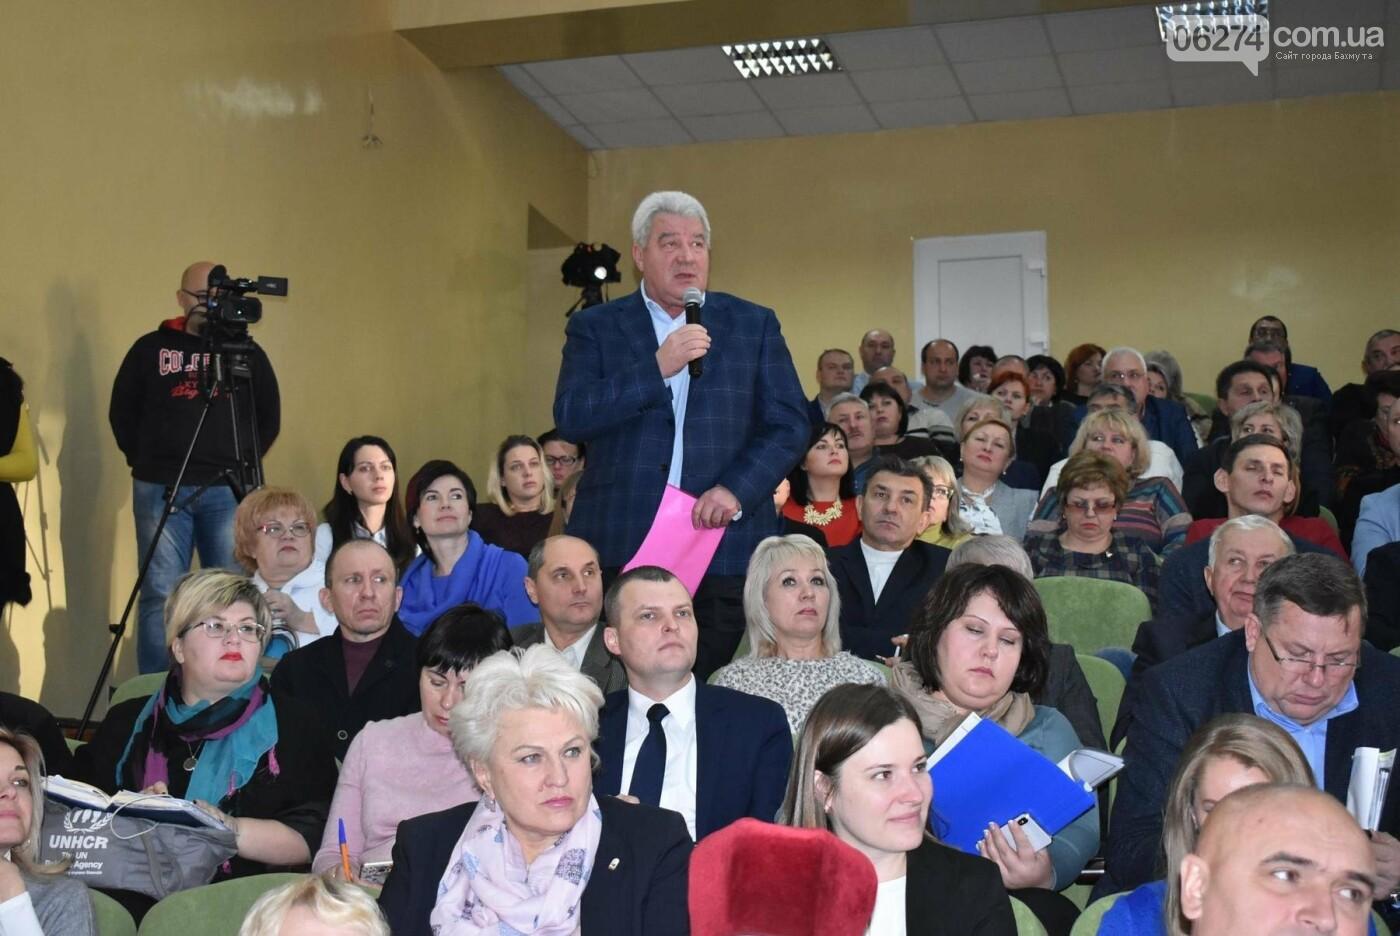 Городской голова Бахмута принял участие в заседании Совета регионального развития Донецкой области, фото-5